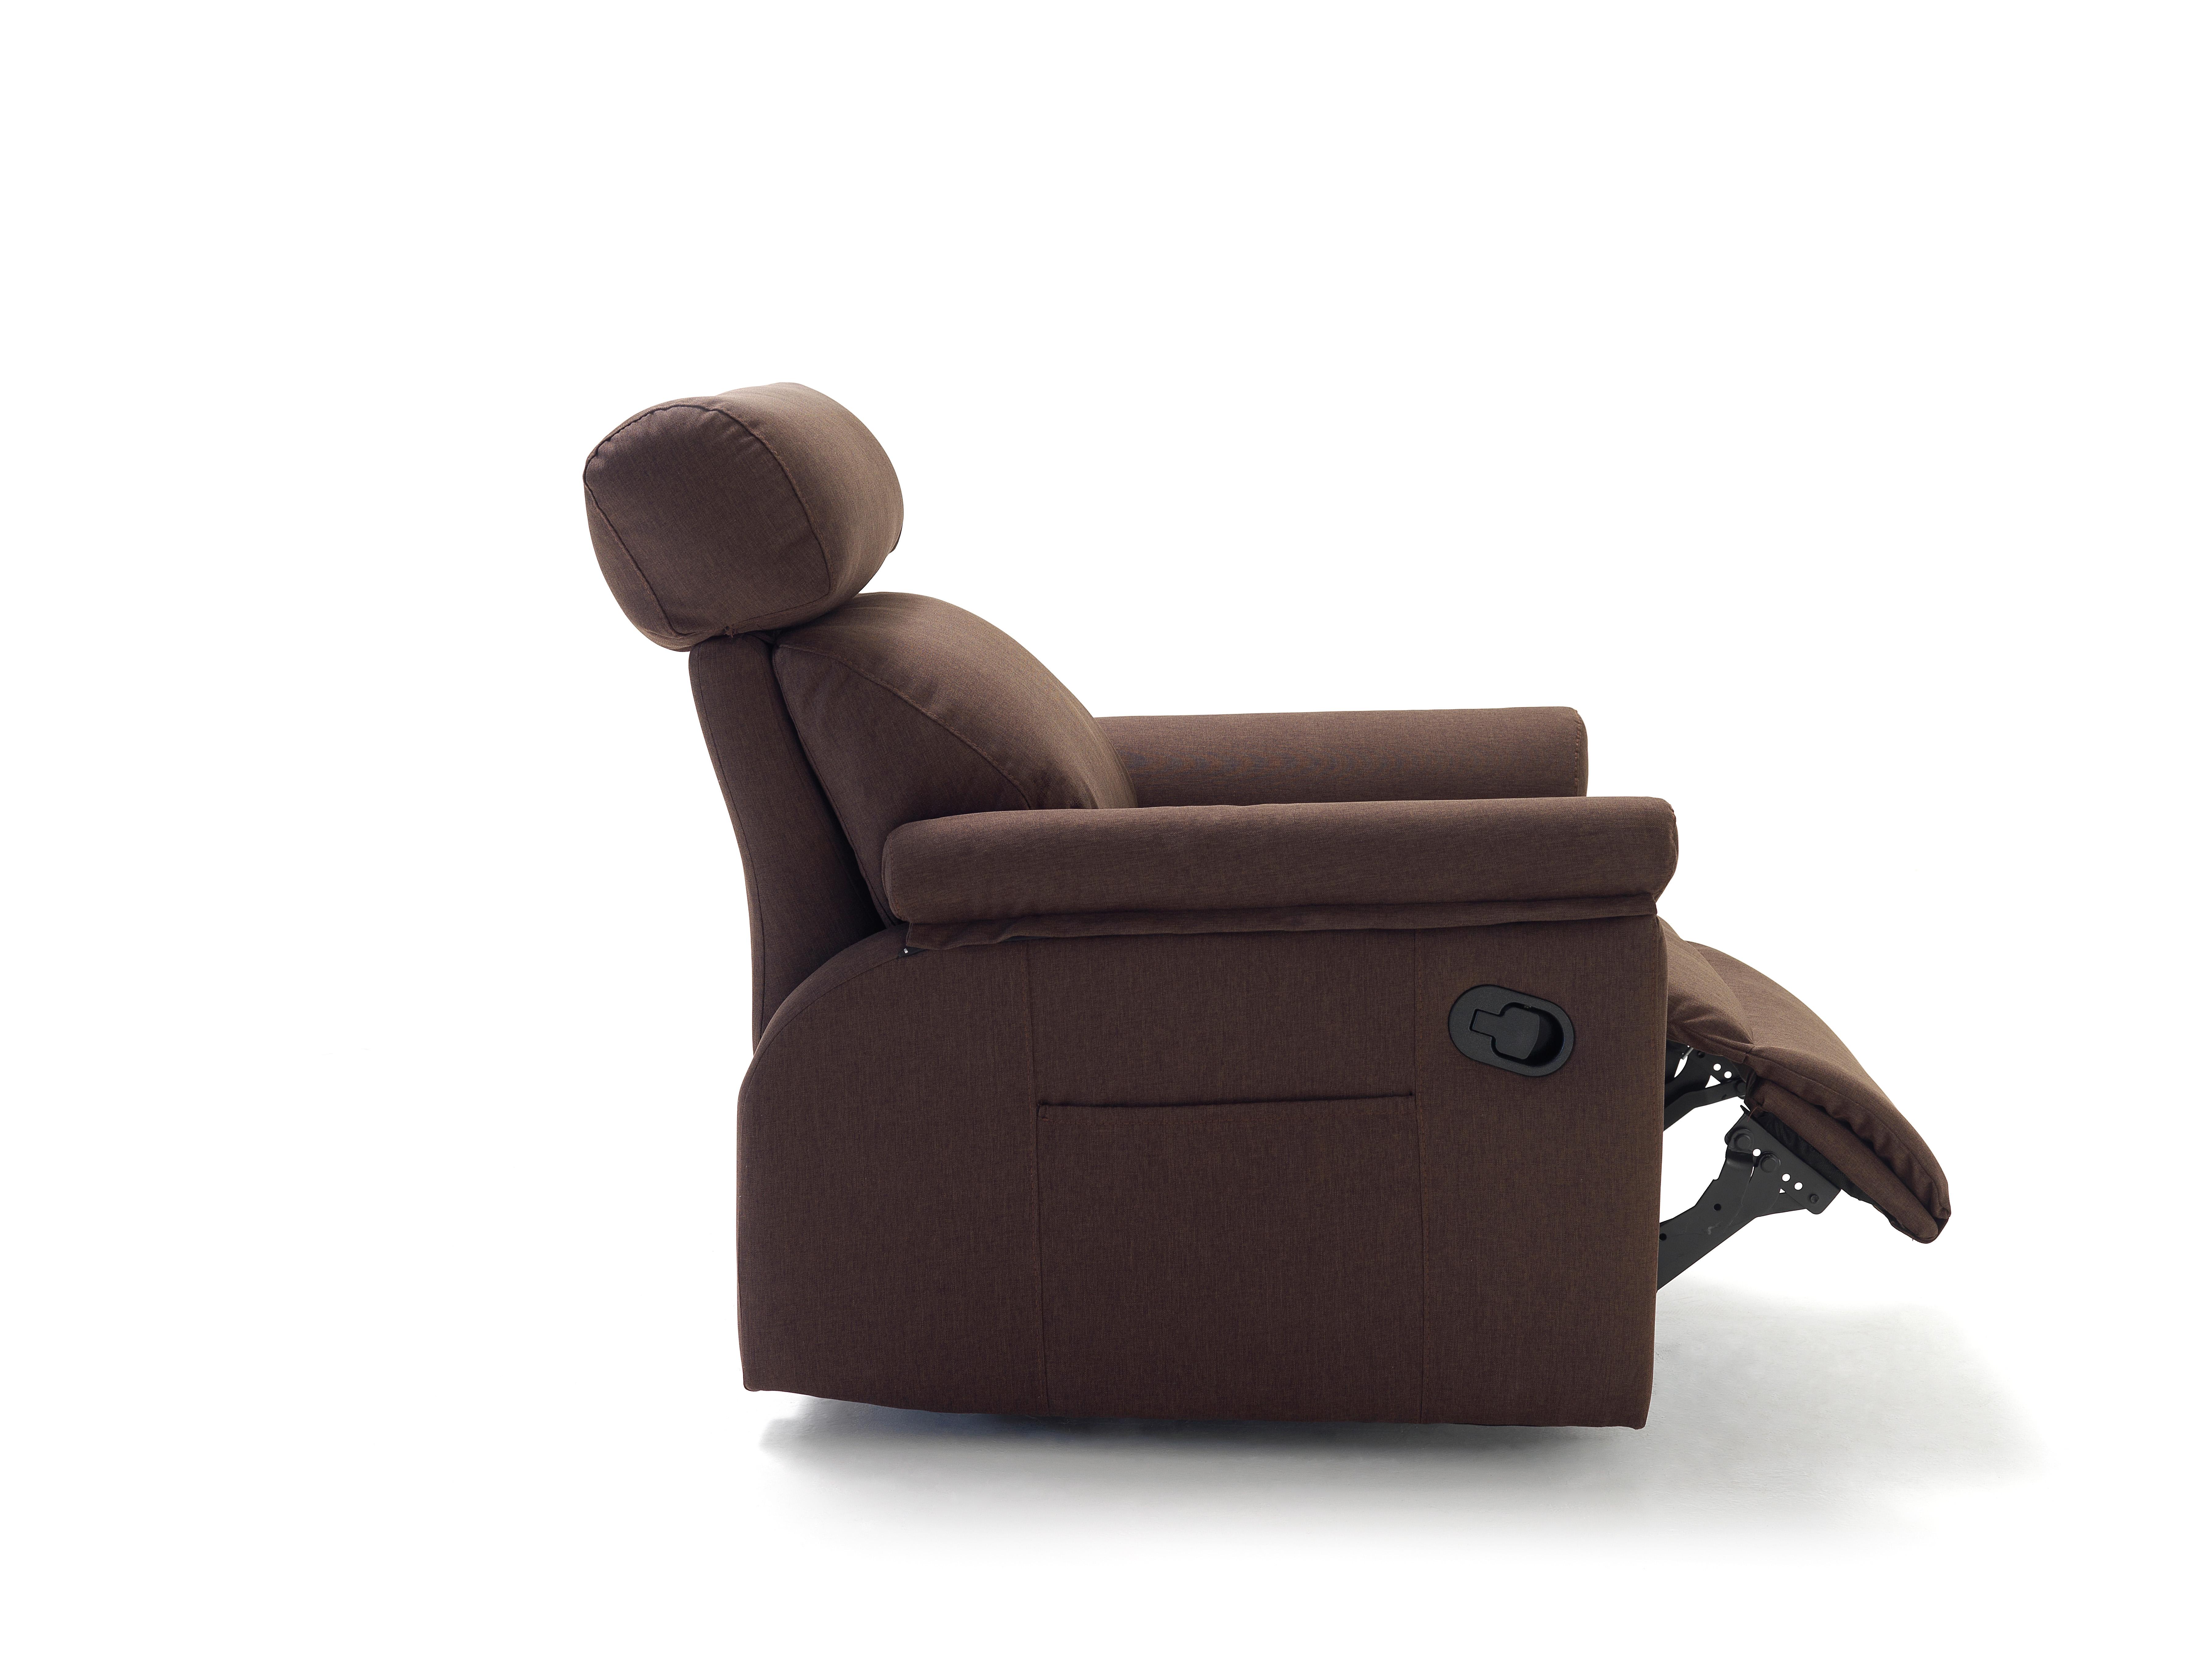 Butacas essenza sofas - Sofas de ocasion ...